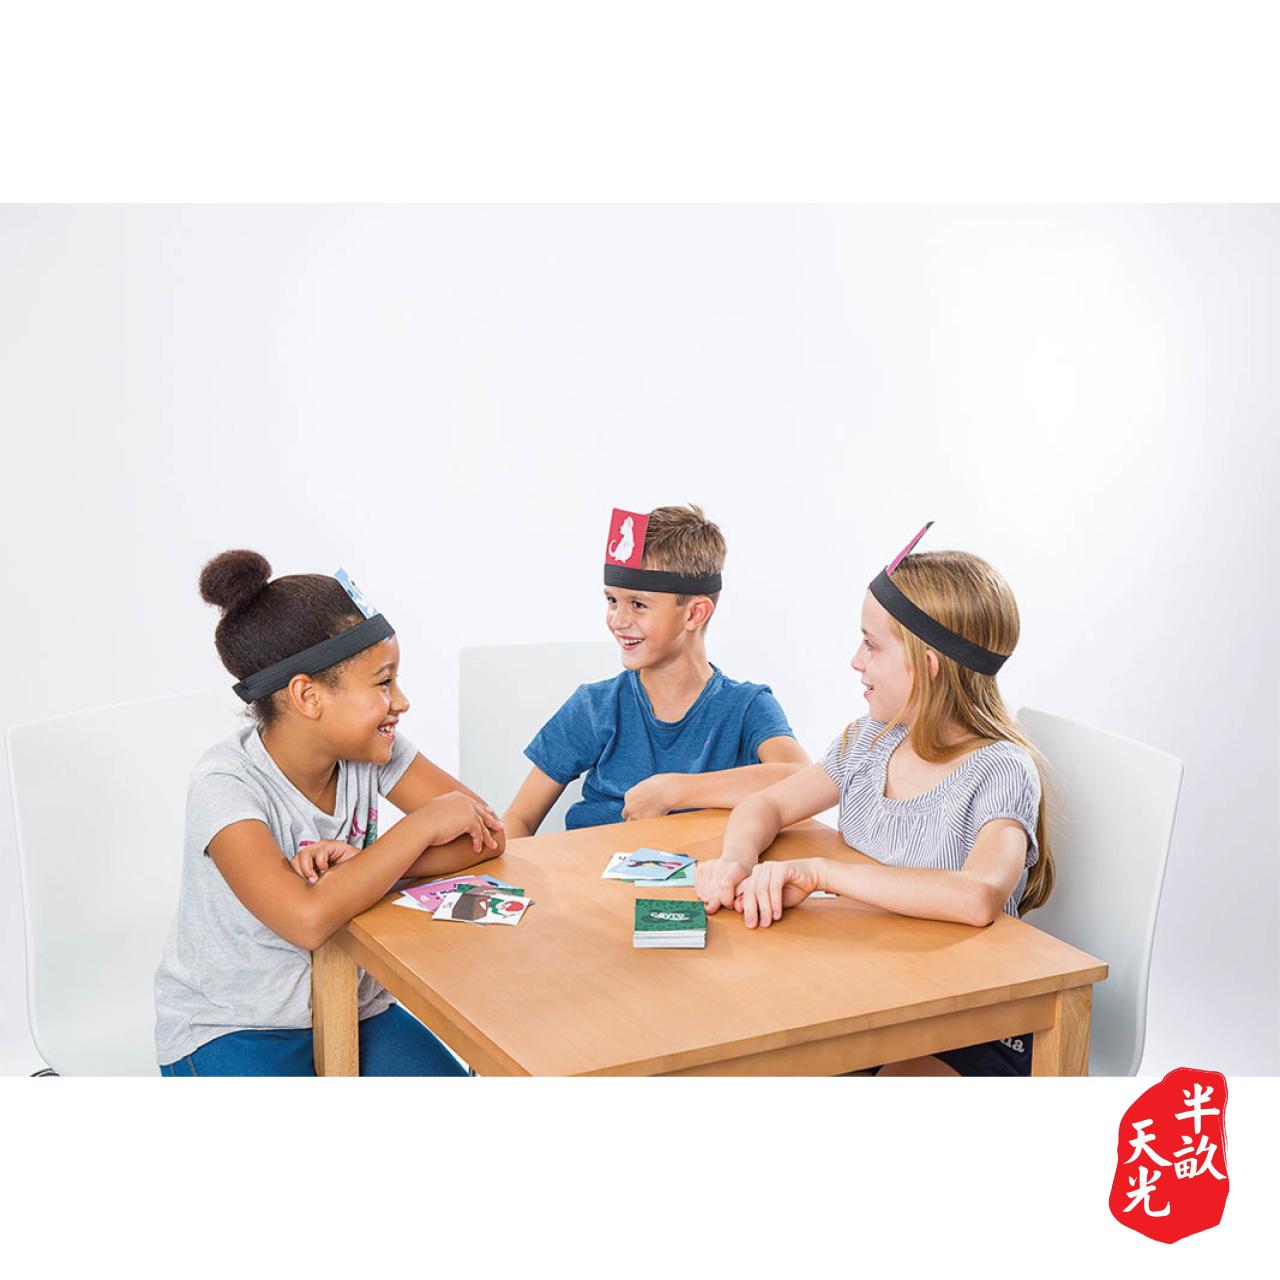 儿童桌游/儿童游戏/卡牌游戏: Que-Ves 是与否